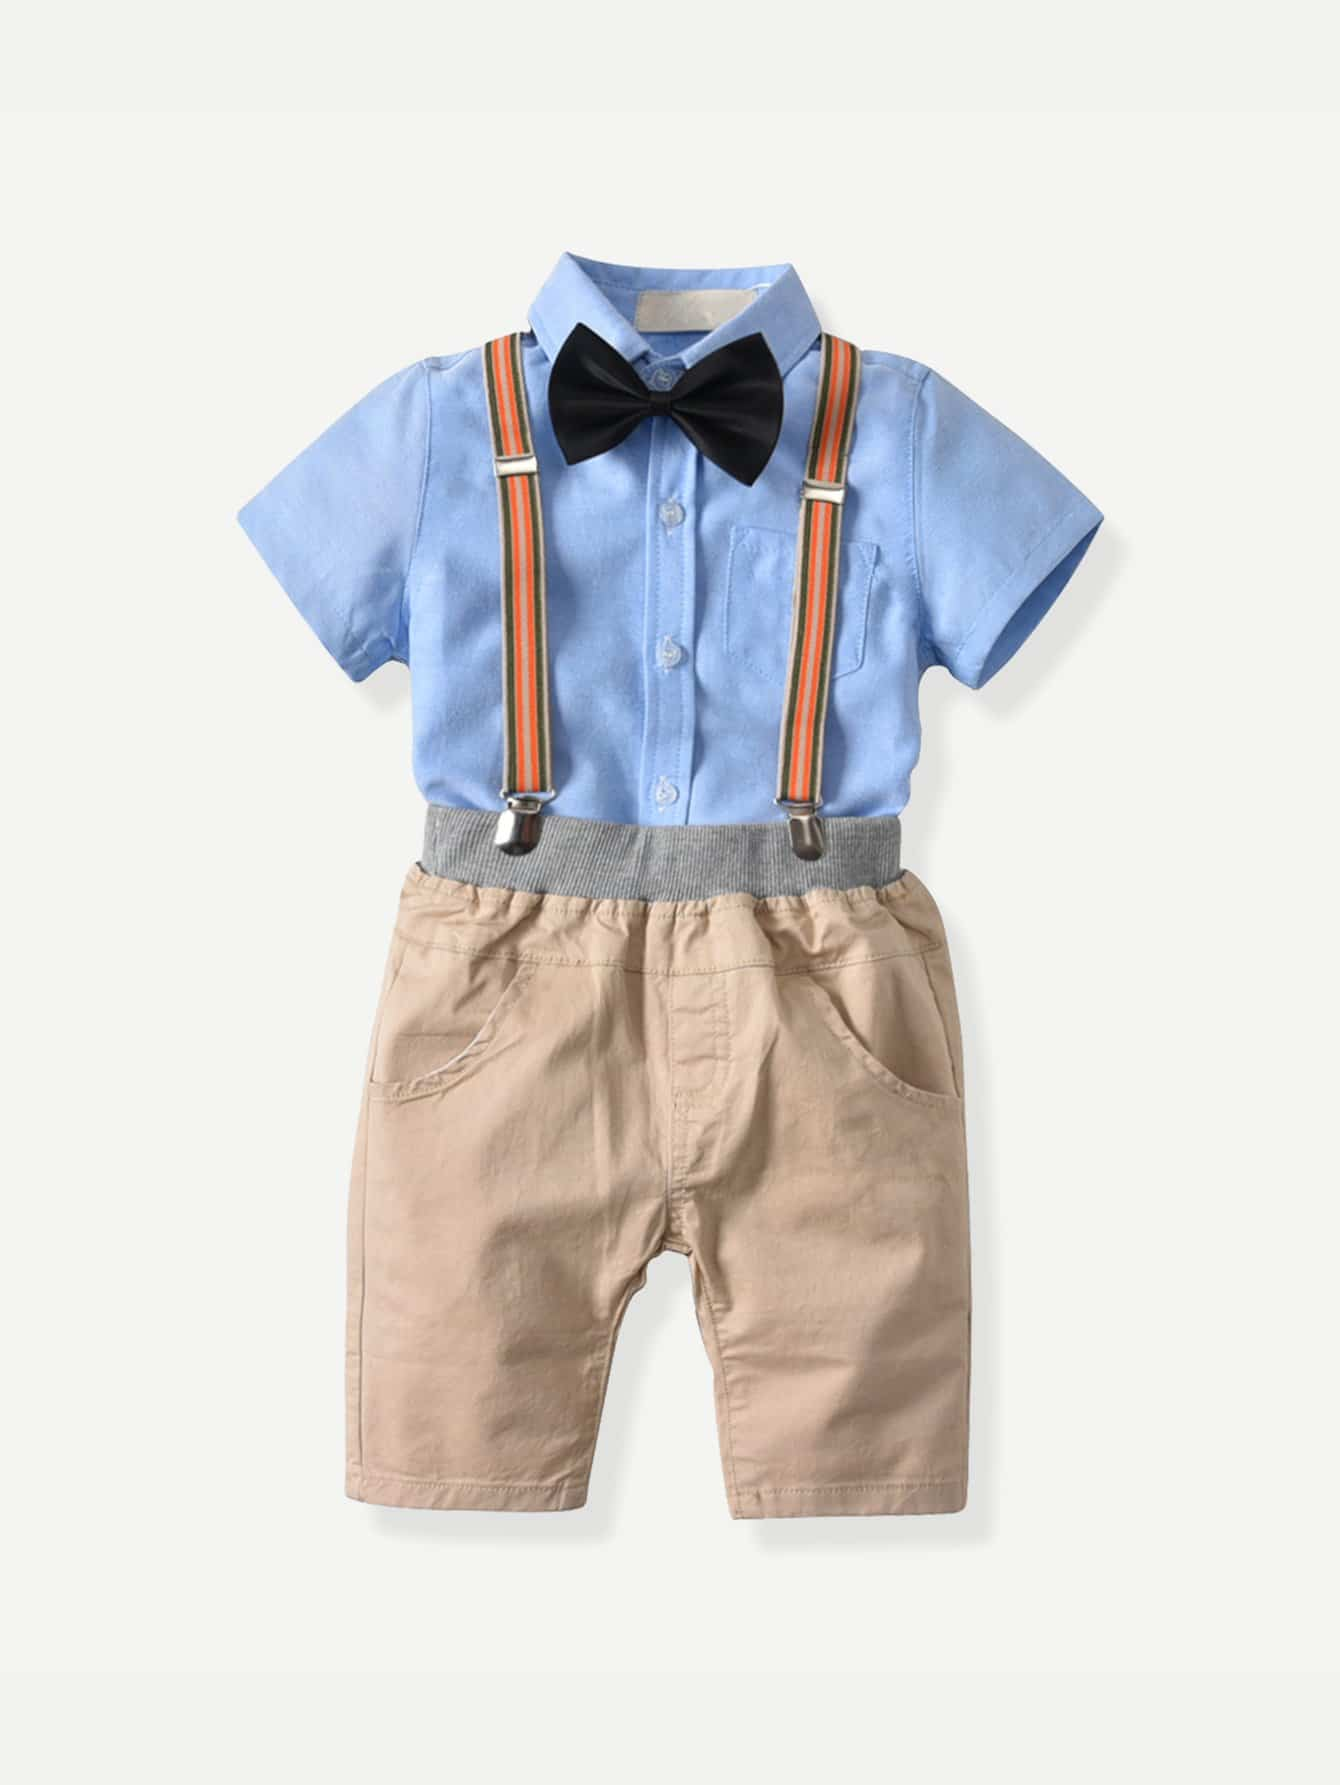 Блузка и шорты для детей от SheIn